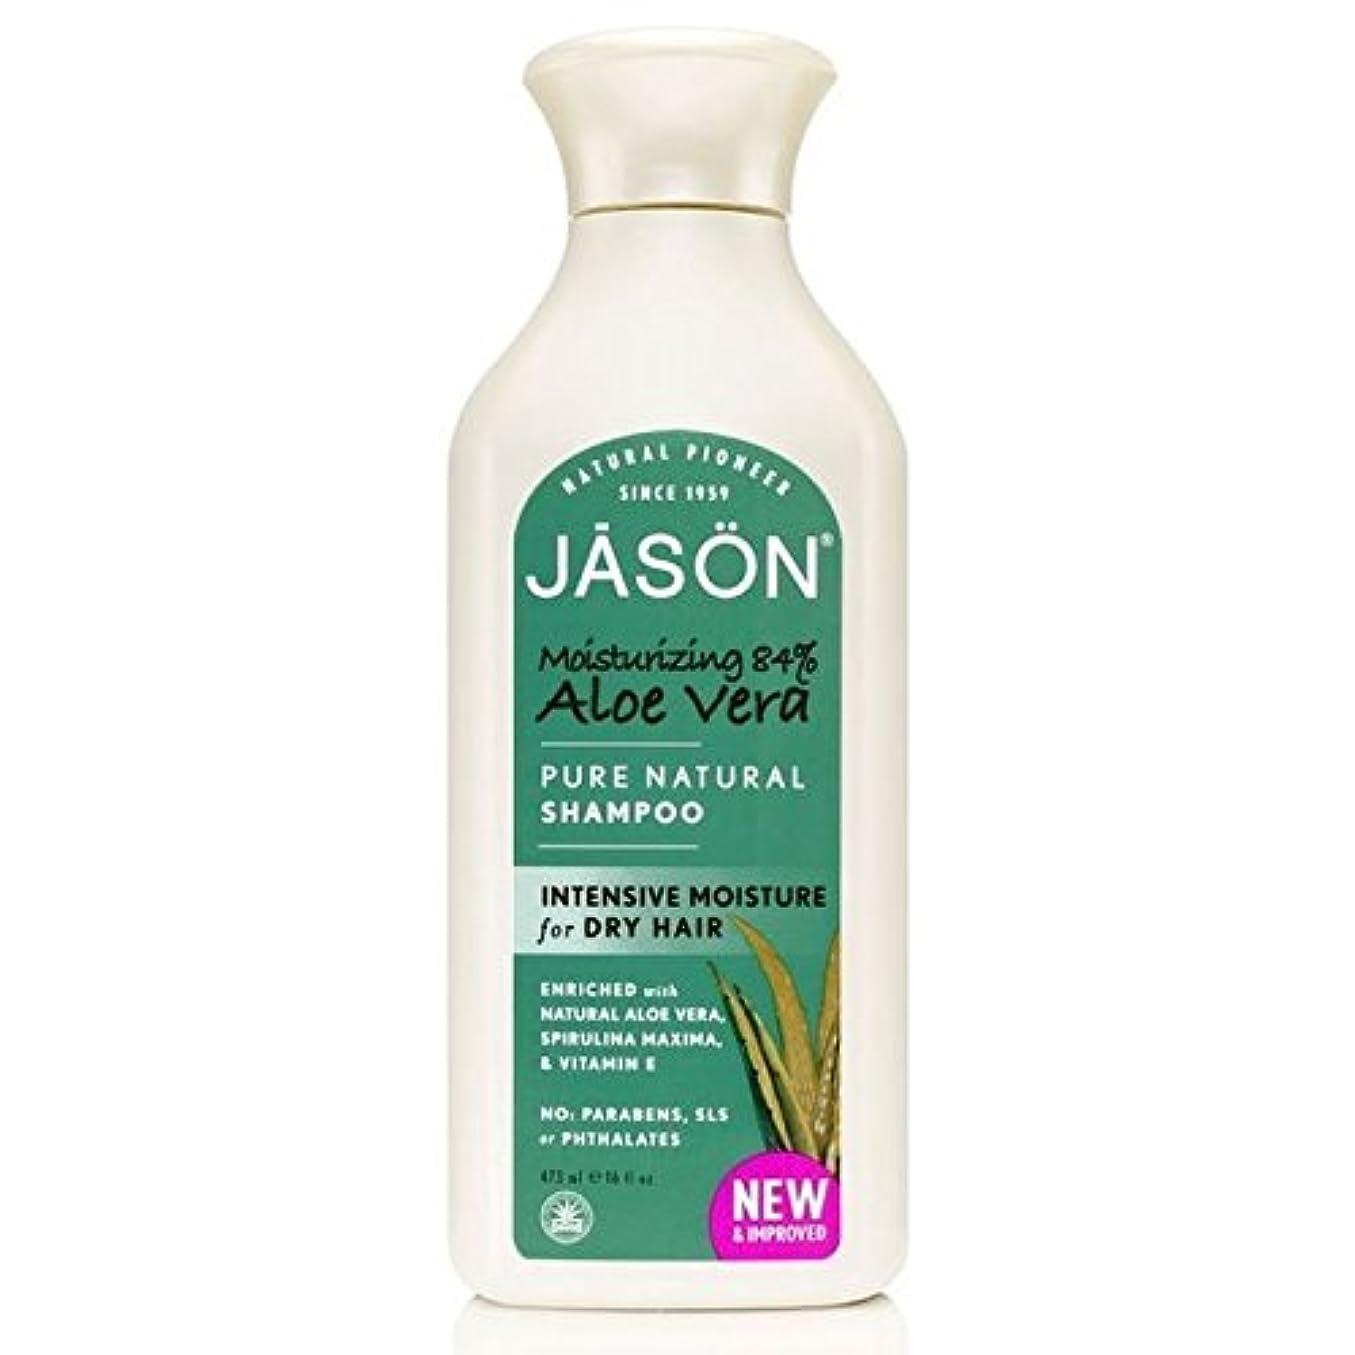 提供準備するジェイソンのアロエベラ84%の純粋な天然シャンプー475ミリリットル x2 - Jason Aloe Vera 84% Pure Natural Shampoo 475ml (Pack of 2) [並行輸入品]